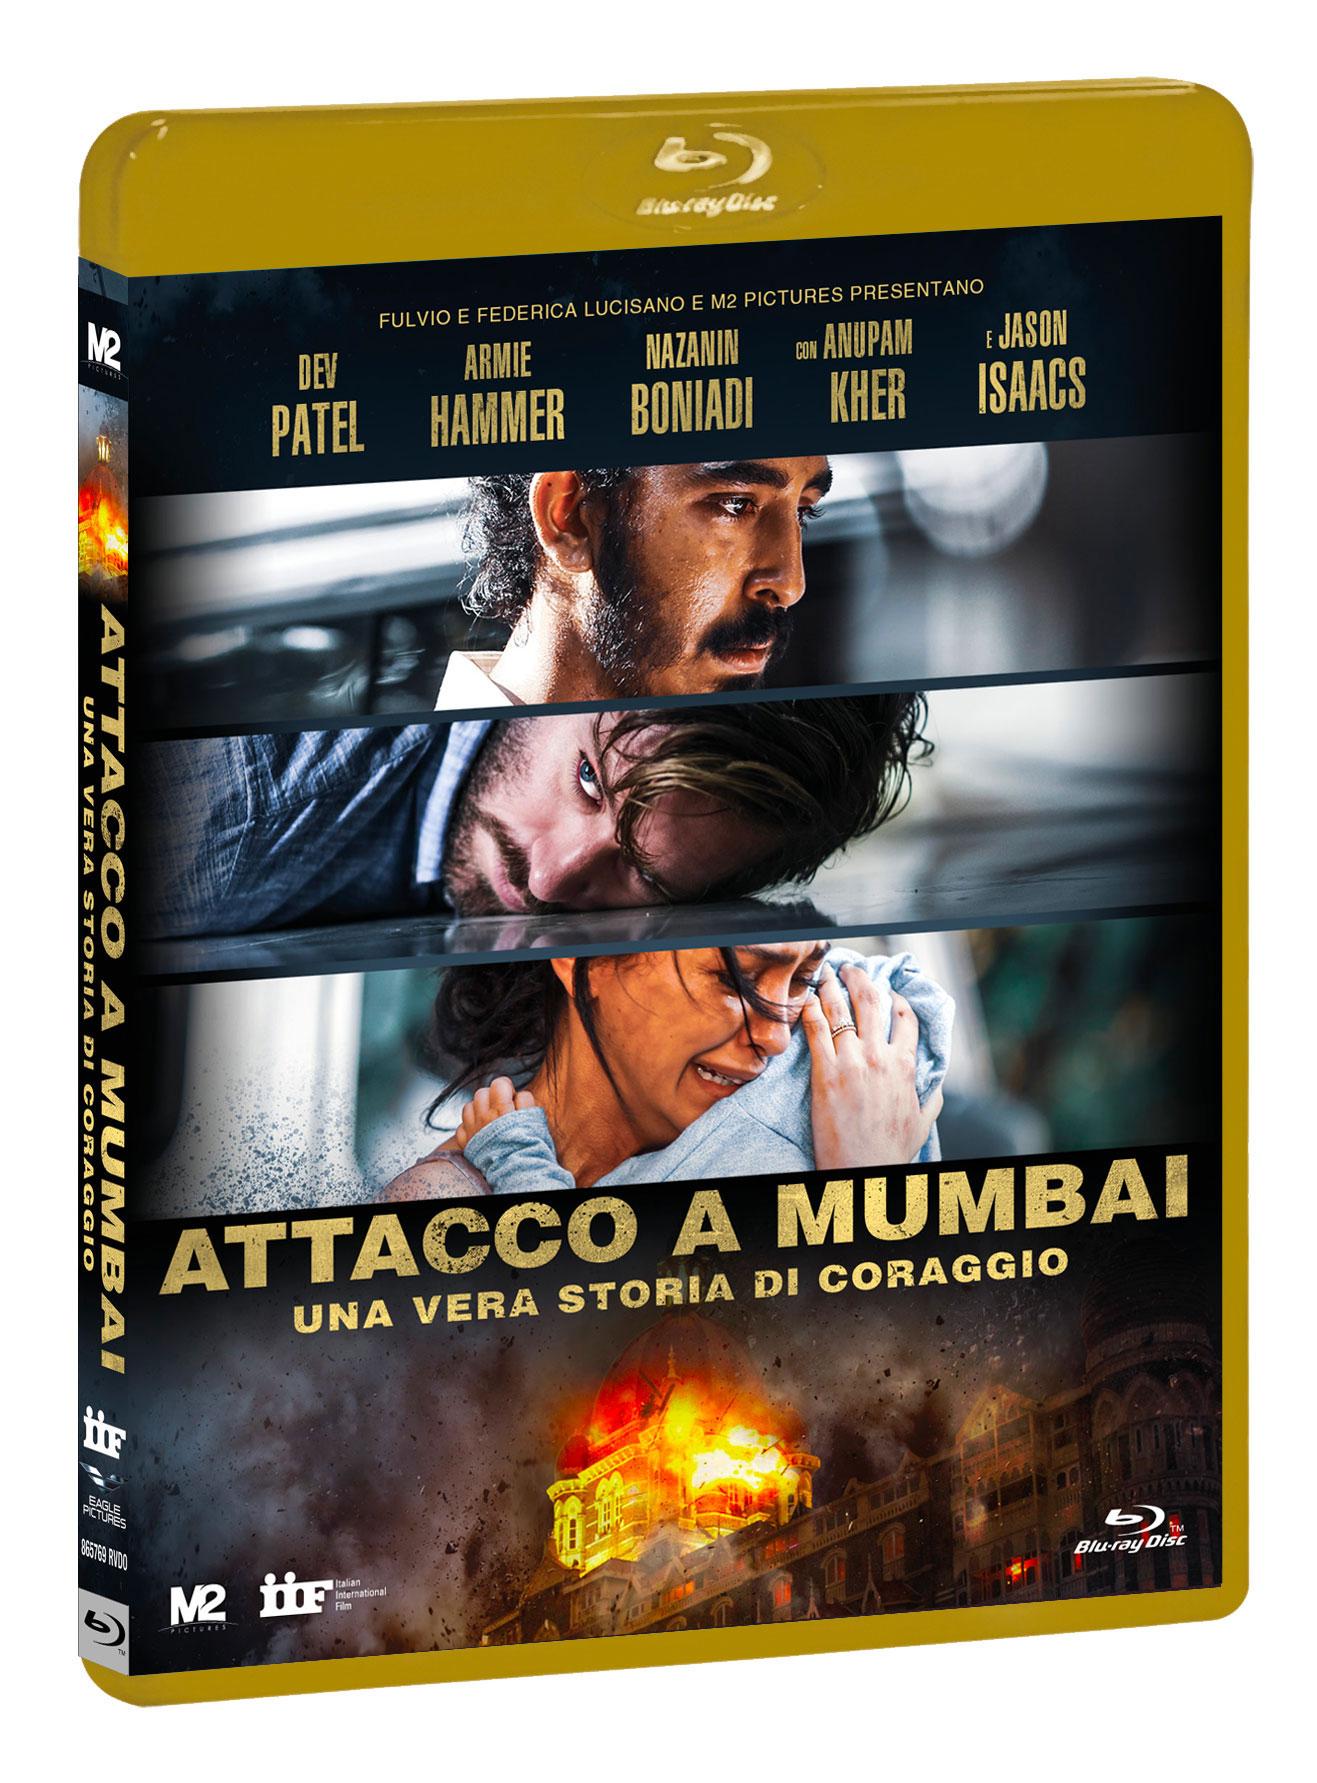 ATTACCO A MUMBAI - UNA VERA STORIA DI CORAGGIO (BLU-RAY+DVD)